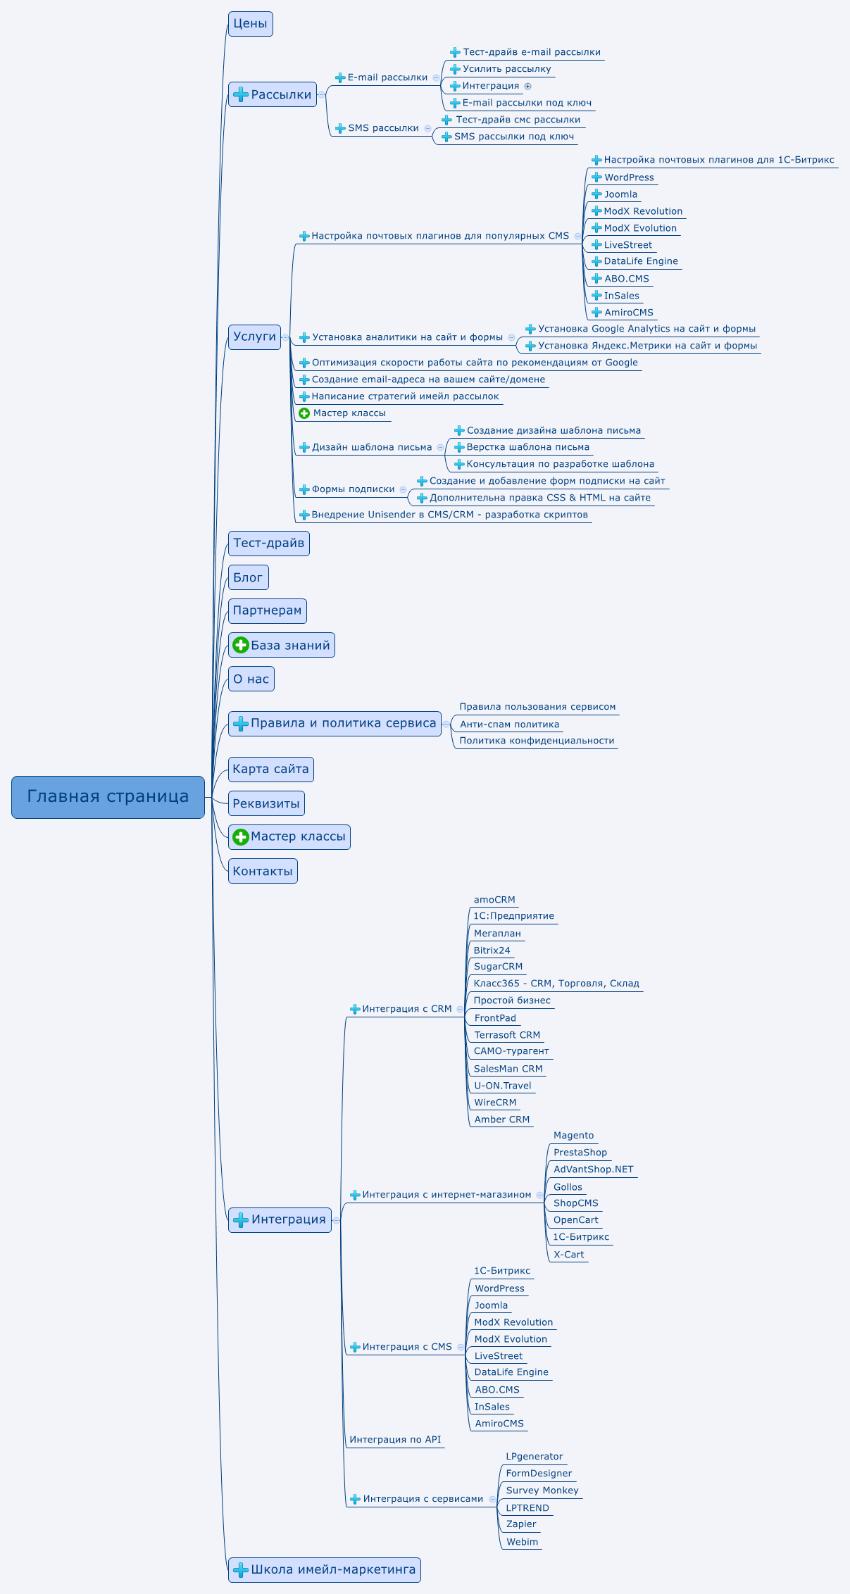 Вариант расширения структуры сайта (версия специалистов Netpeak) — общий вид